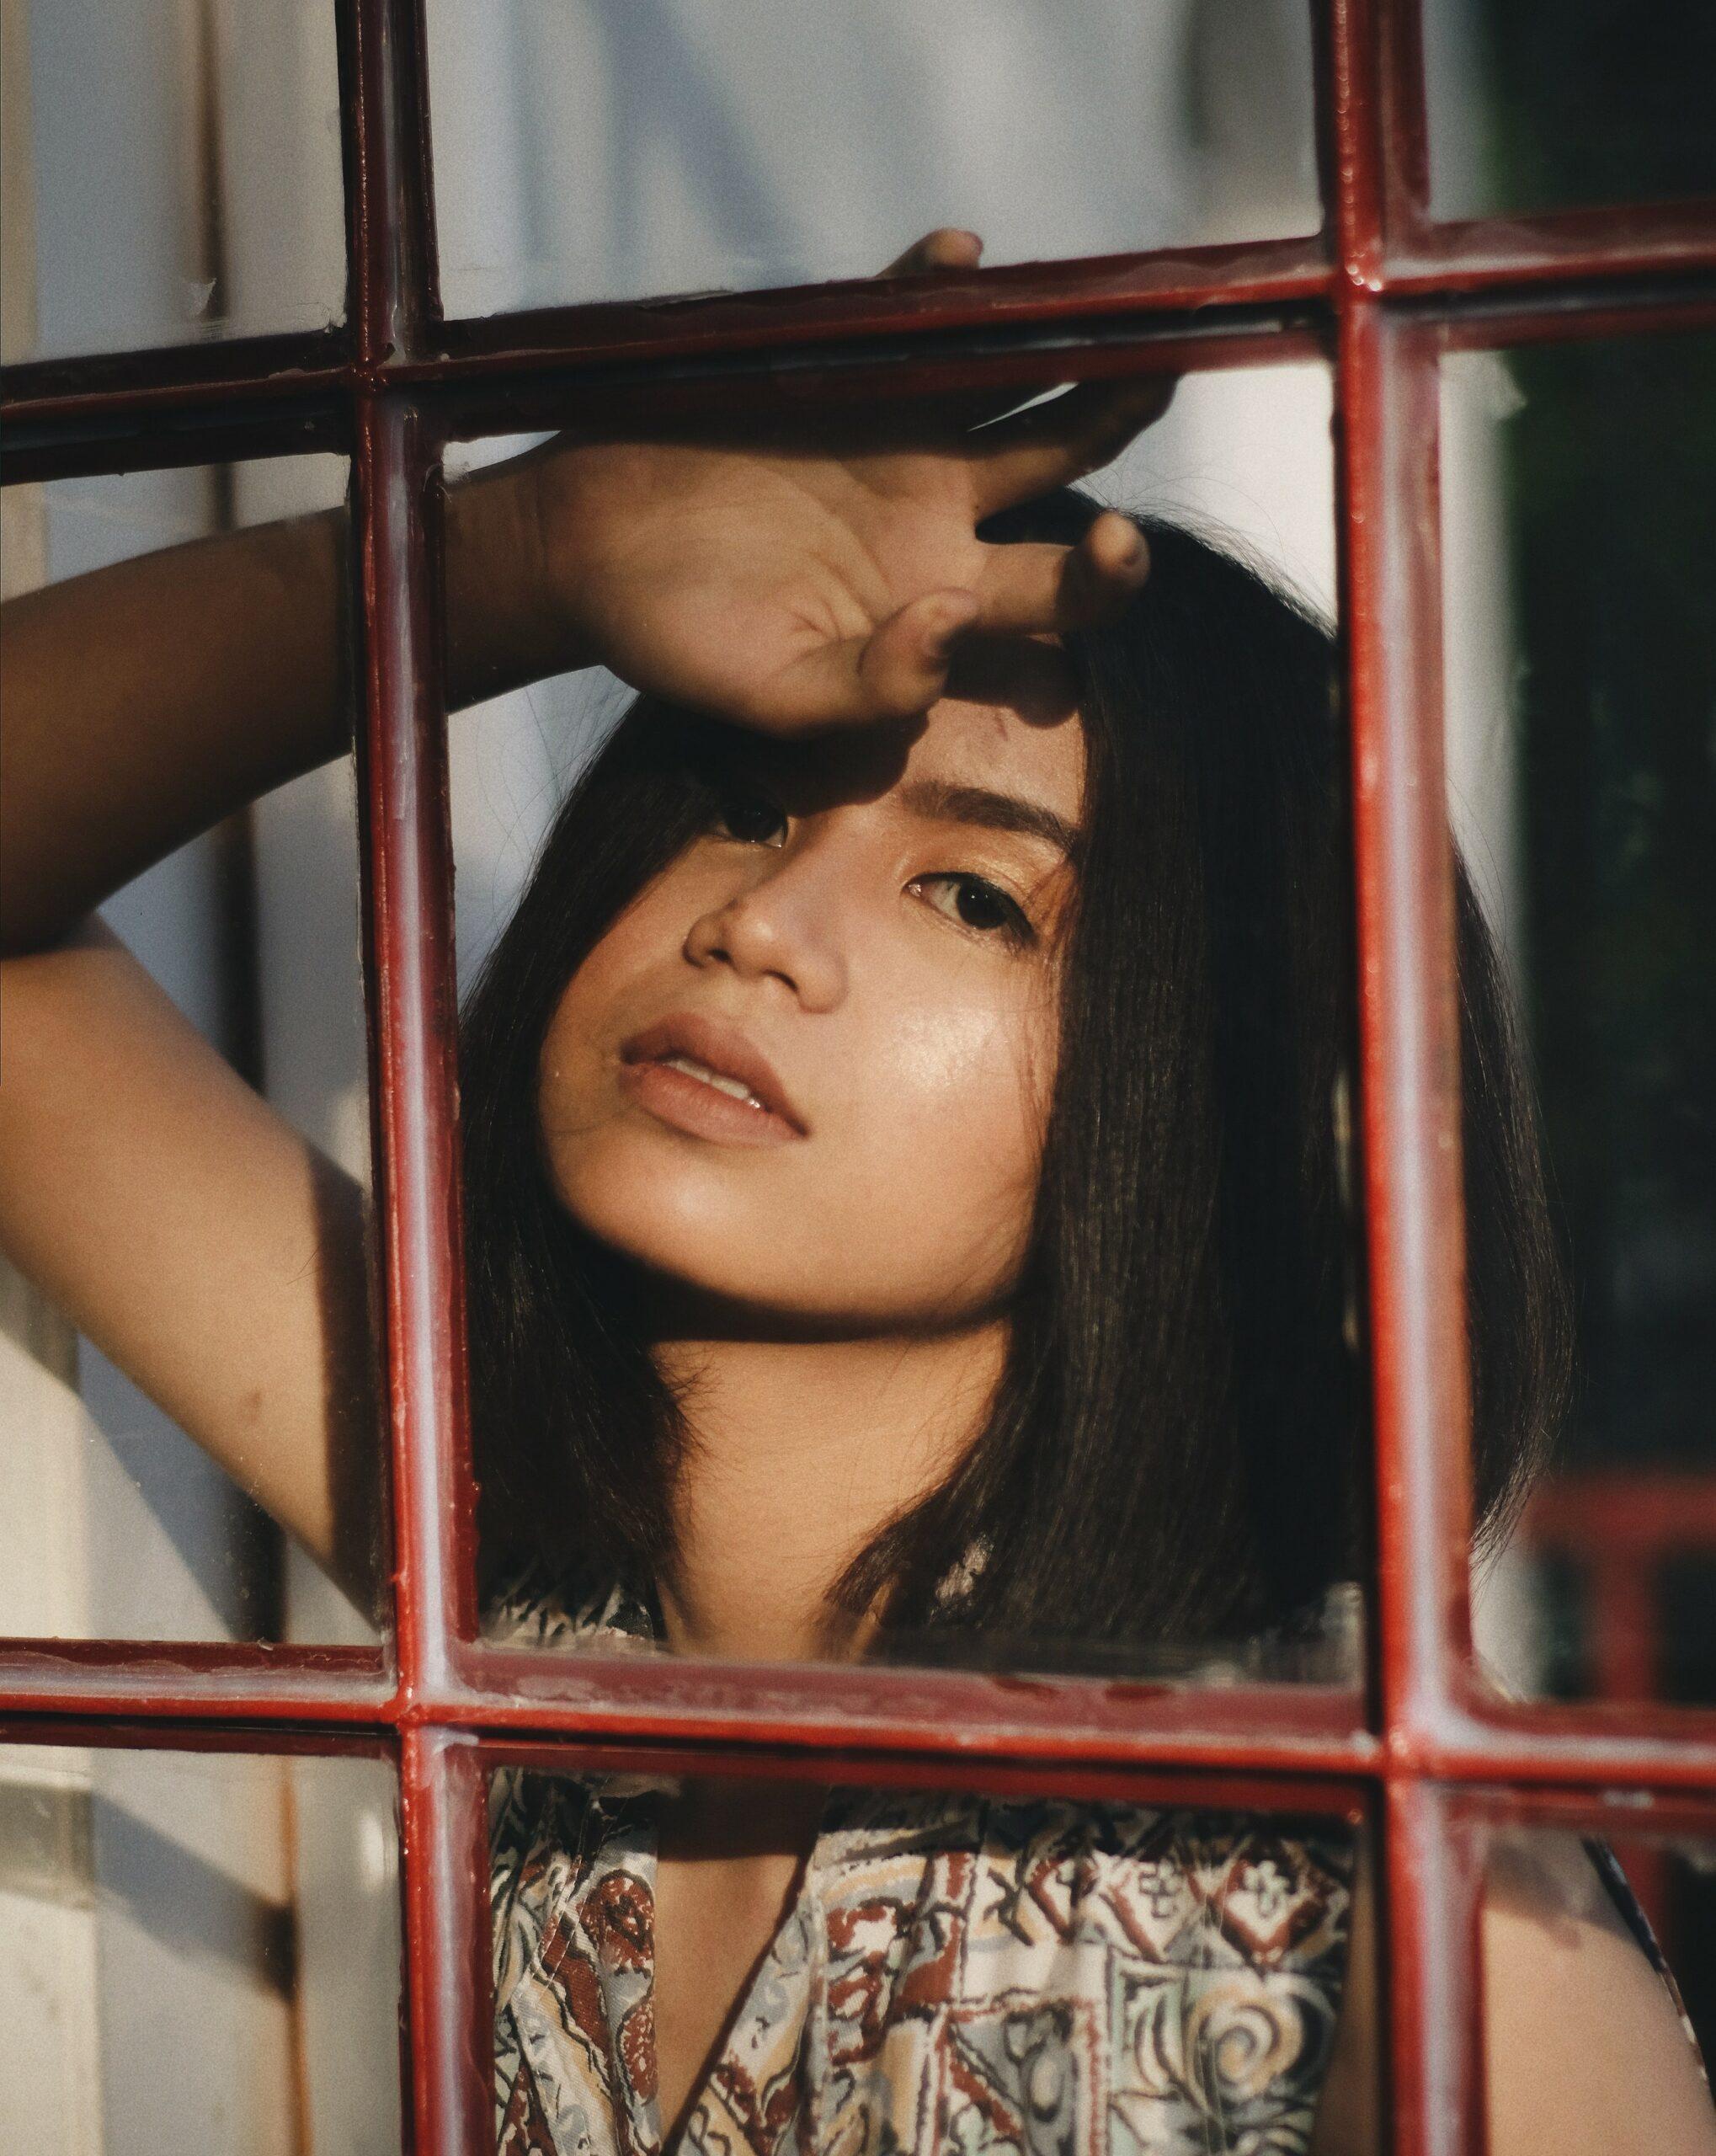 femme derrière les barreaux les-consequences-psychologiques-du-confinement